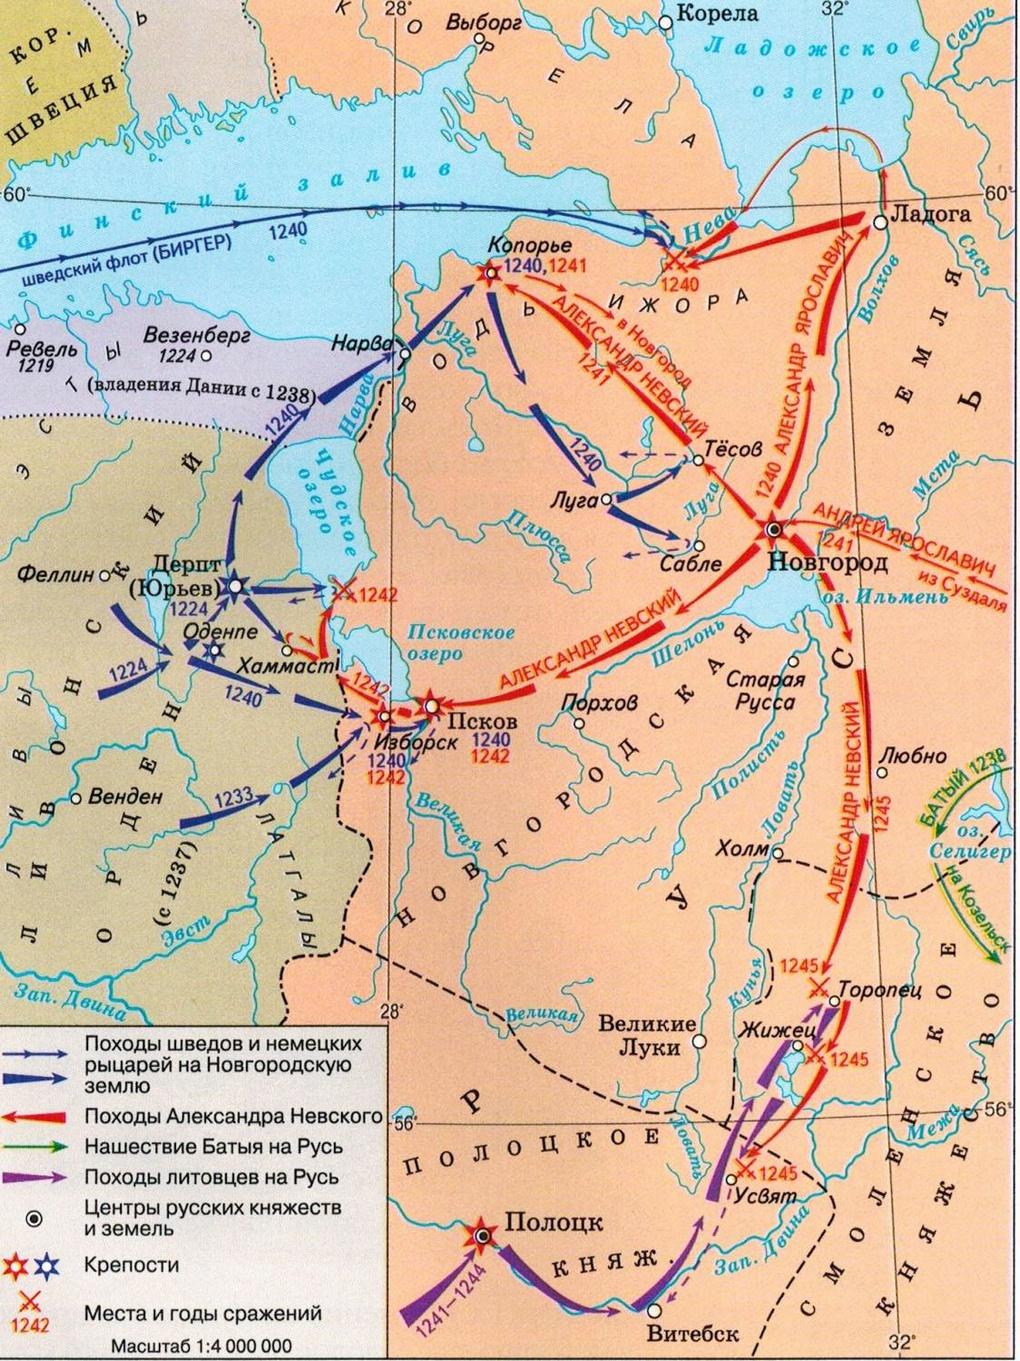 Походы Александра Невского (карта-схема).